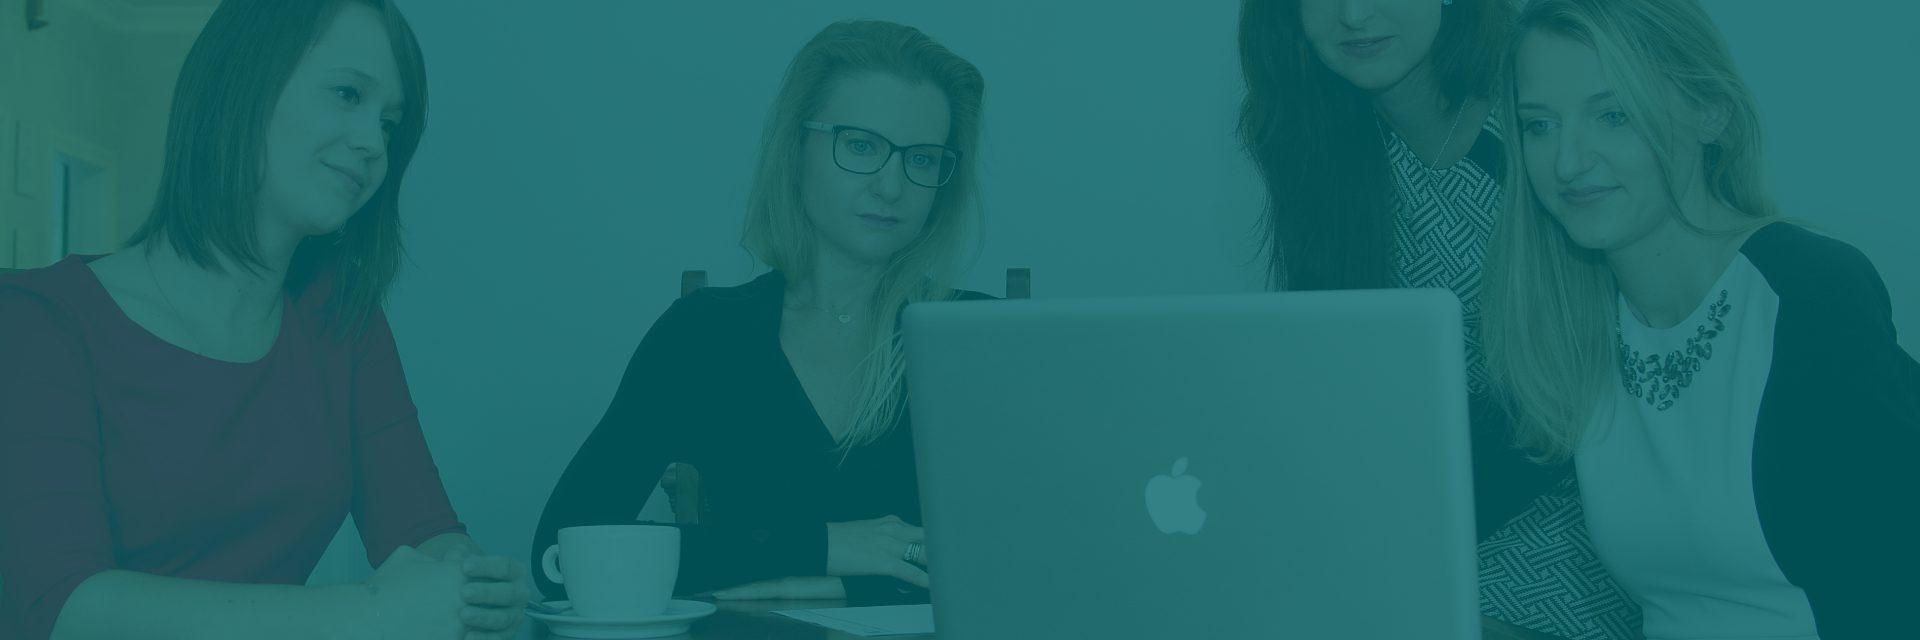 Cztery kobiety przy stole, na którym stoi komputer